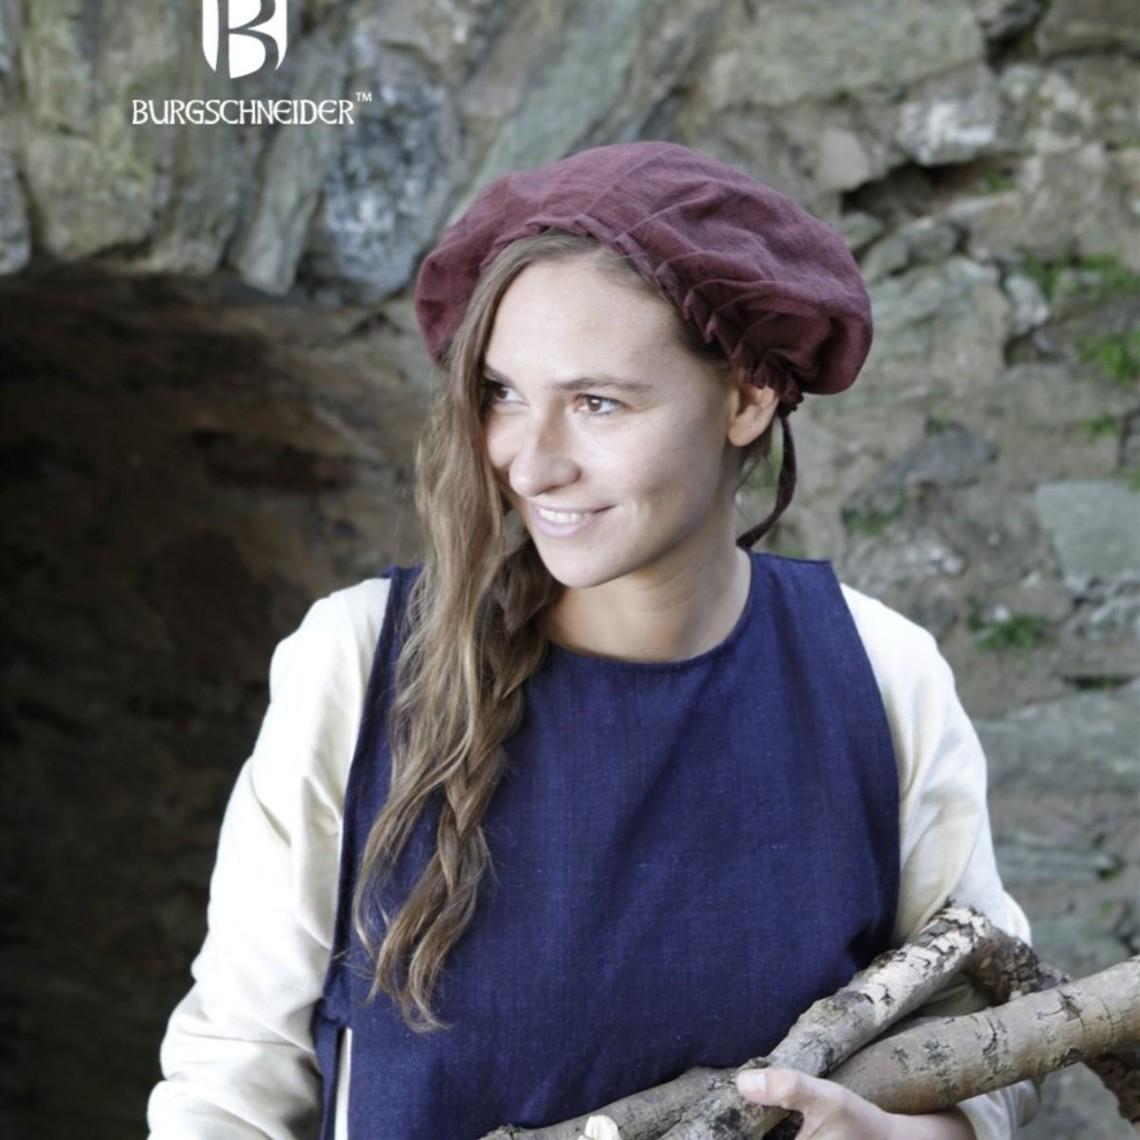 Burgschneider Redecilla Anna marrón